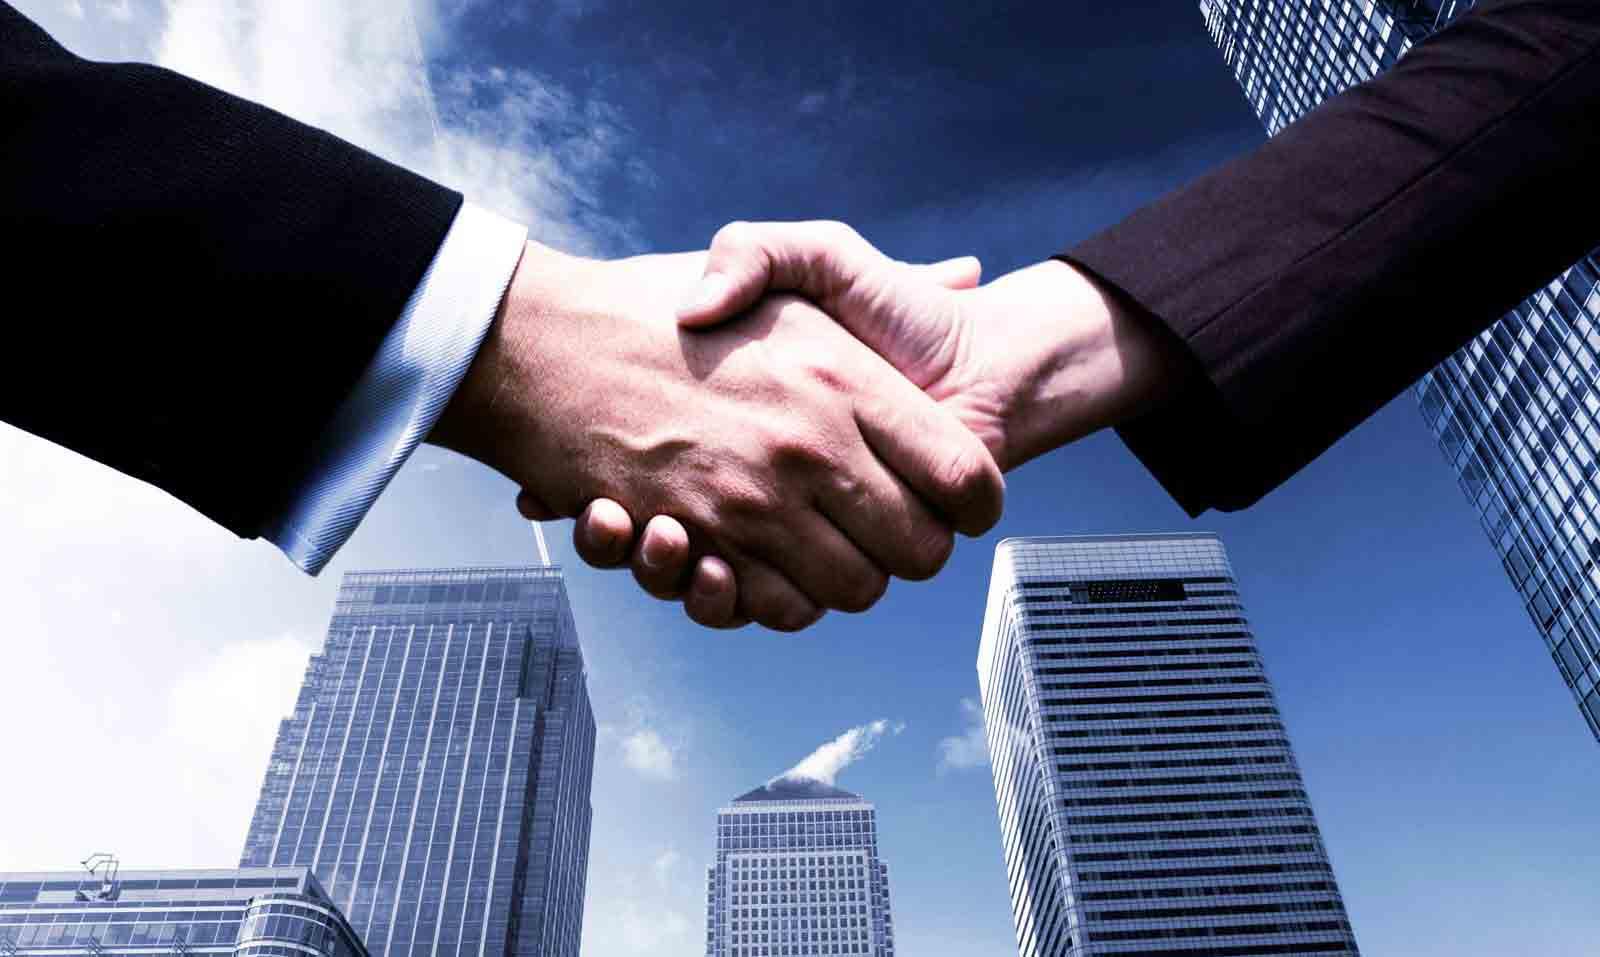 دروس رشته مدیریت بازرگانی گرایش بازرگانی داخلی کارشناس ارشد فراگیر پیام نور